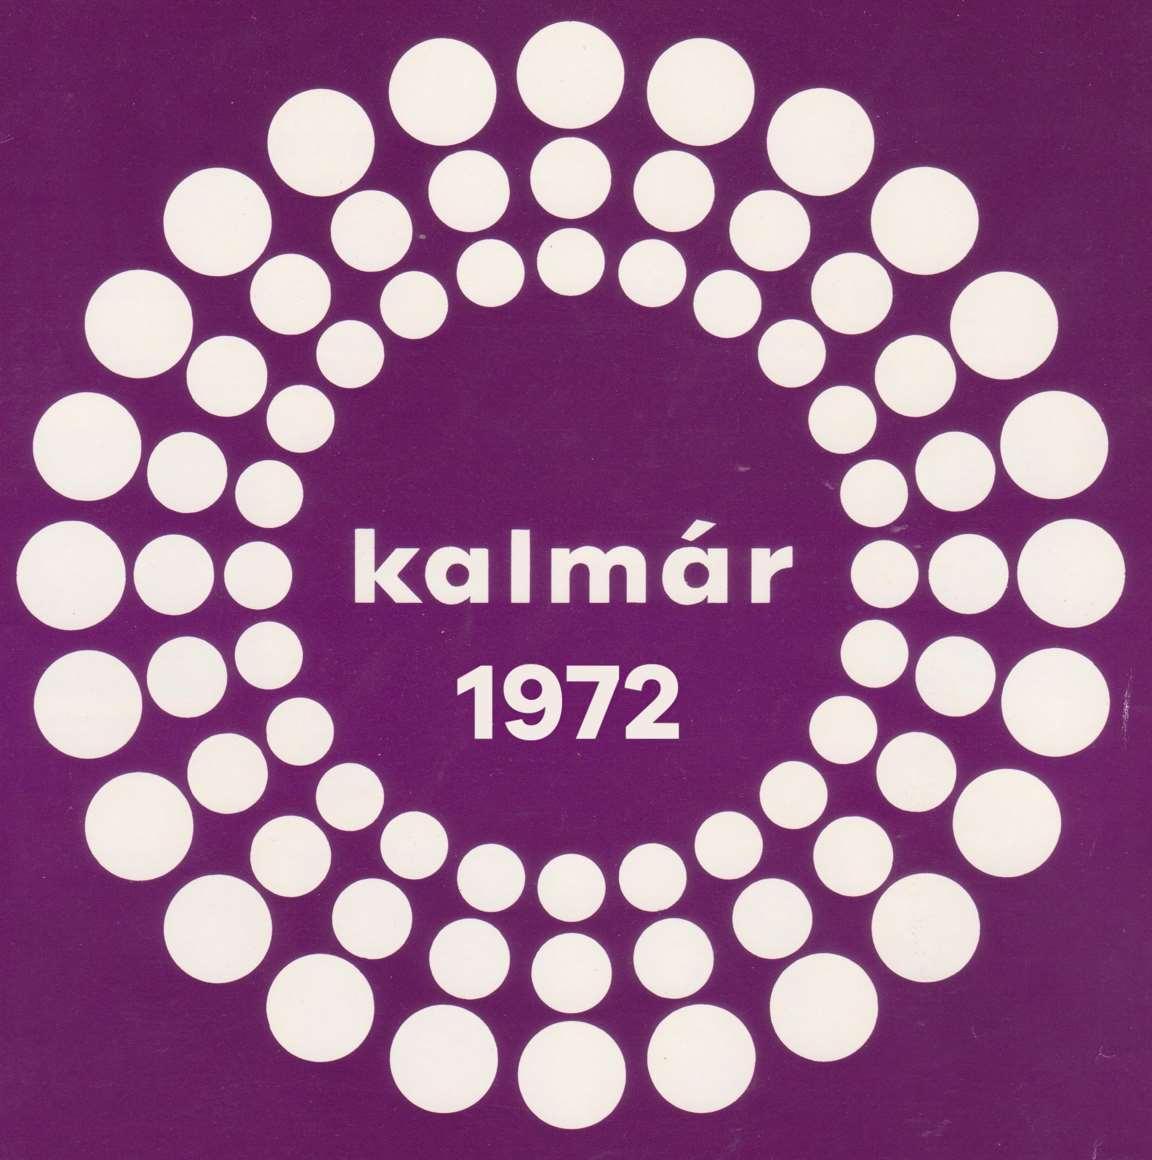 J.T. Kalmar KG, Franken KG - Catalogue 1972 - Page 16